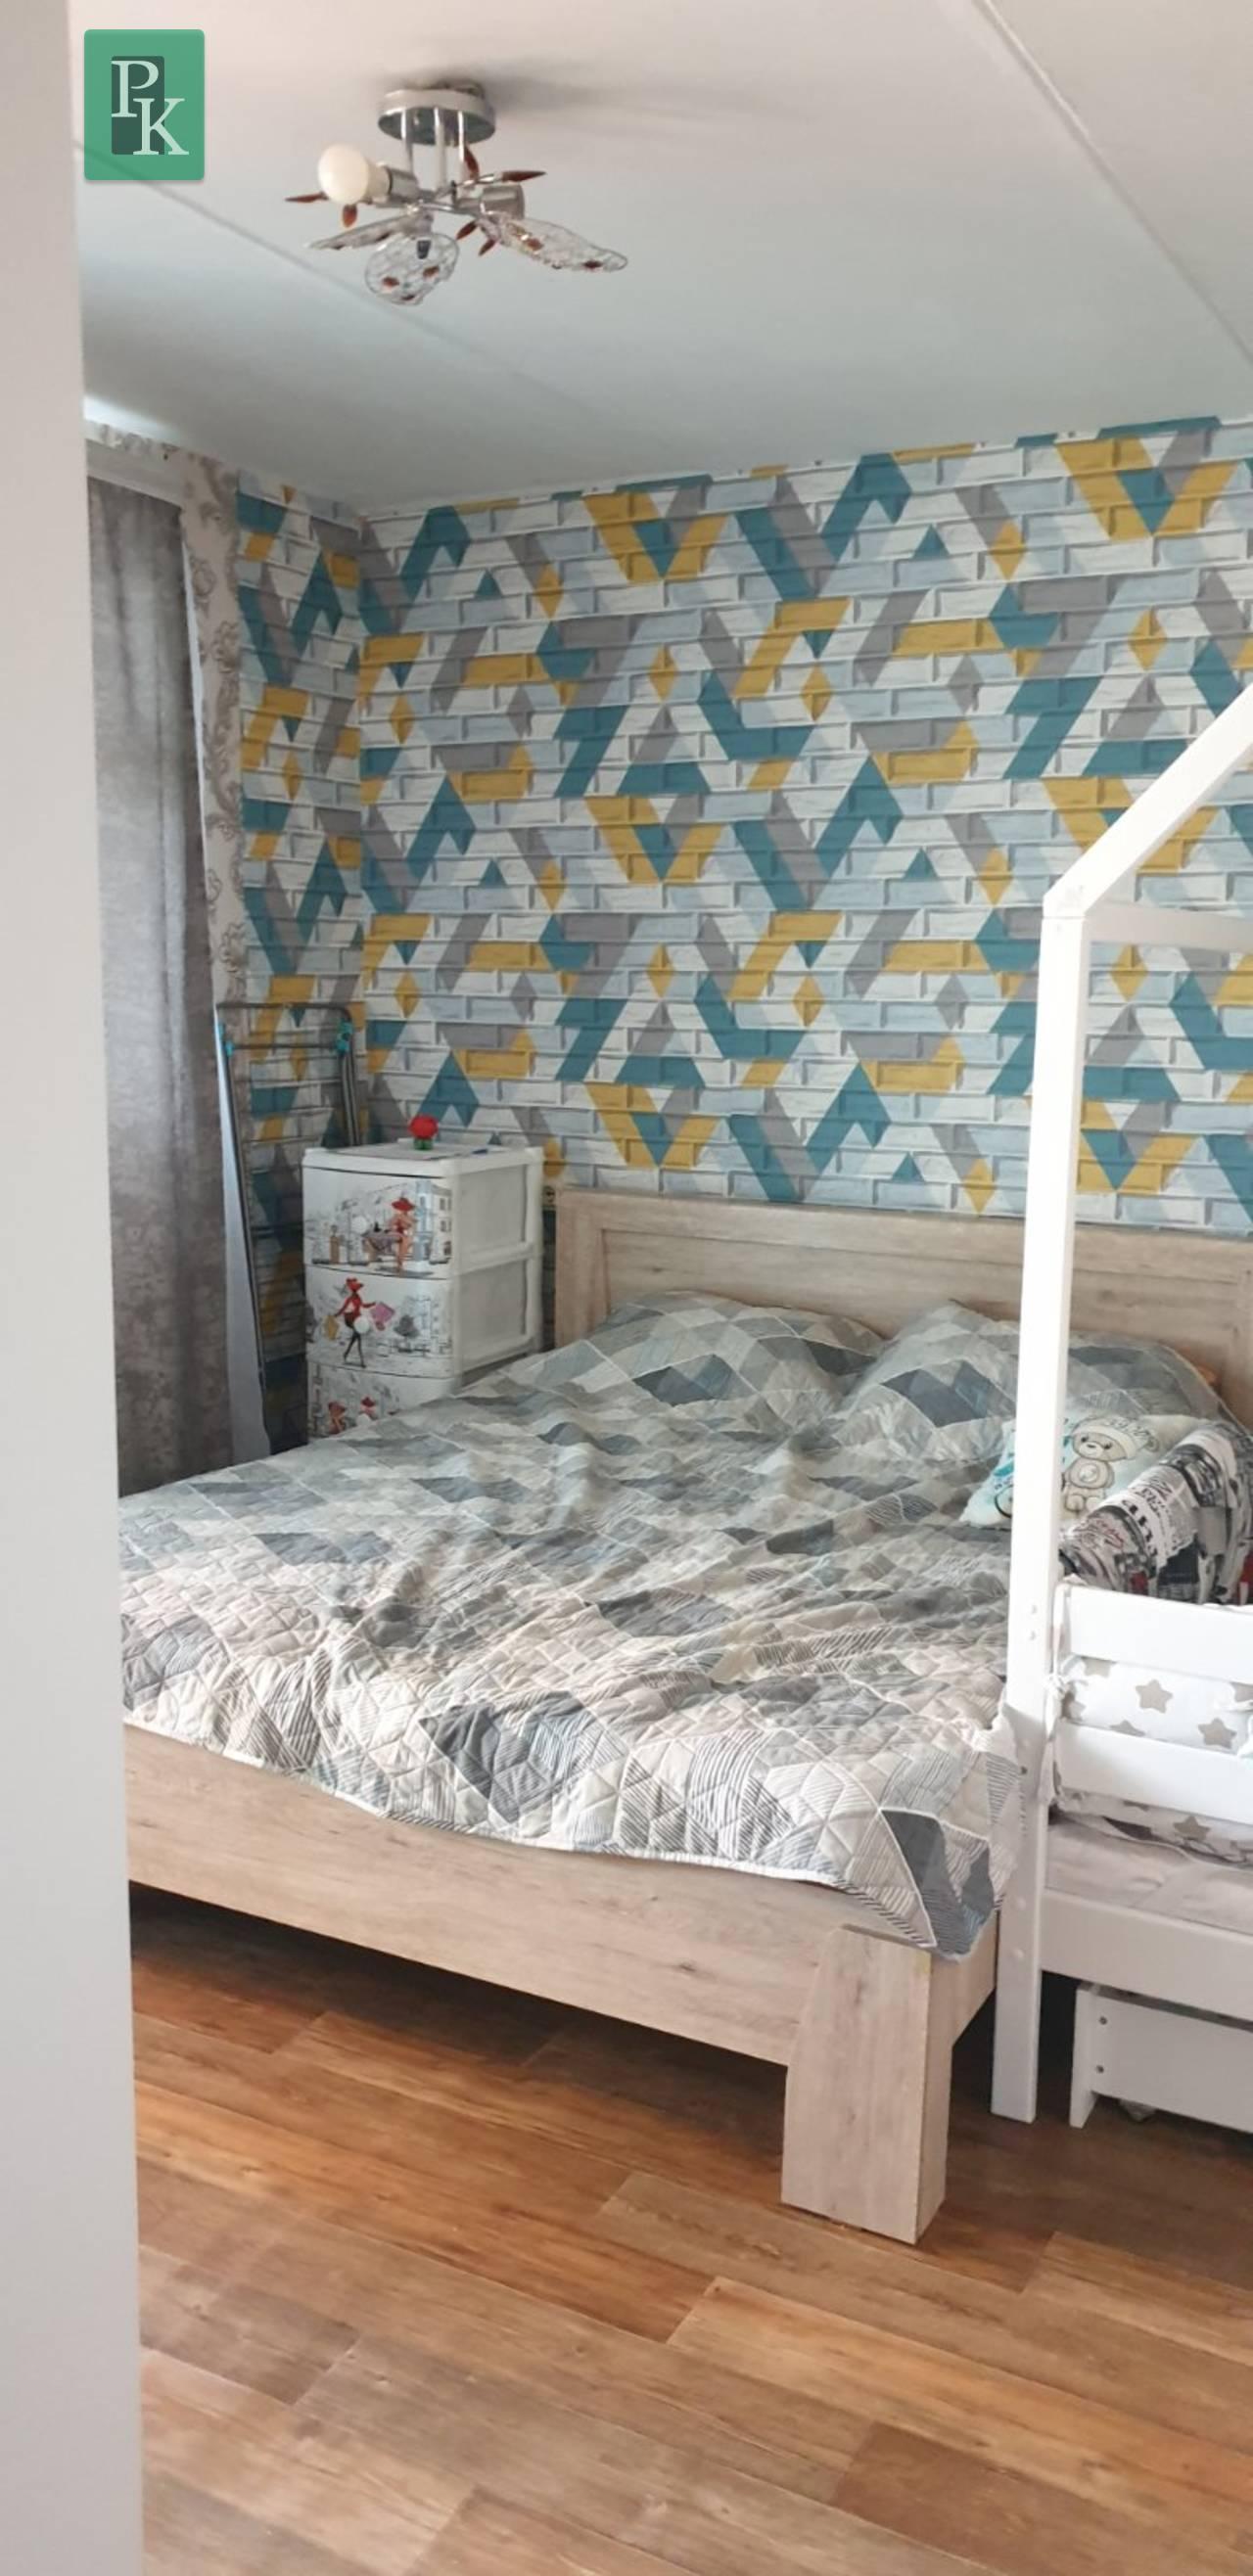 Продается двухкомнатная квартира на в поселке Угловое Бахчисарайского района.